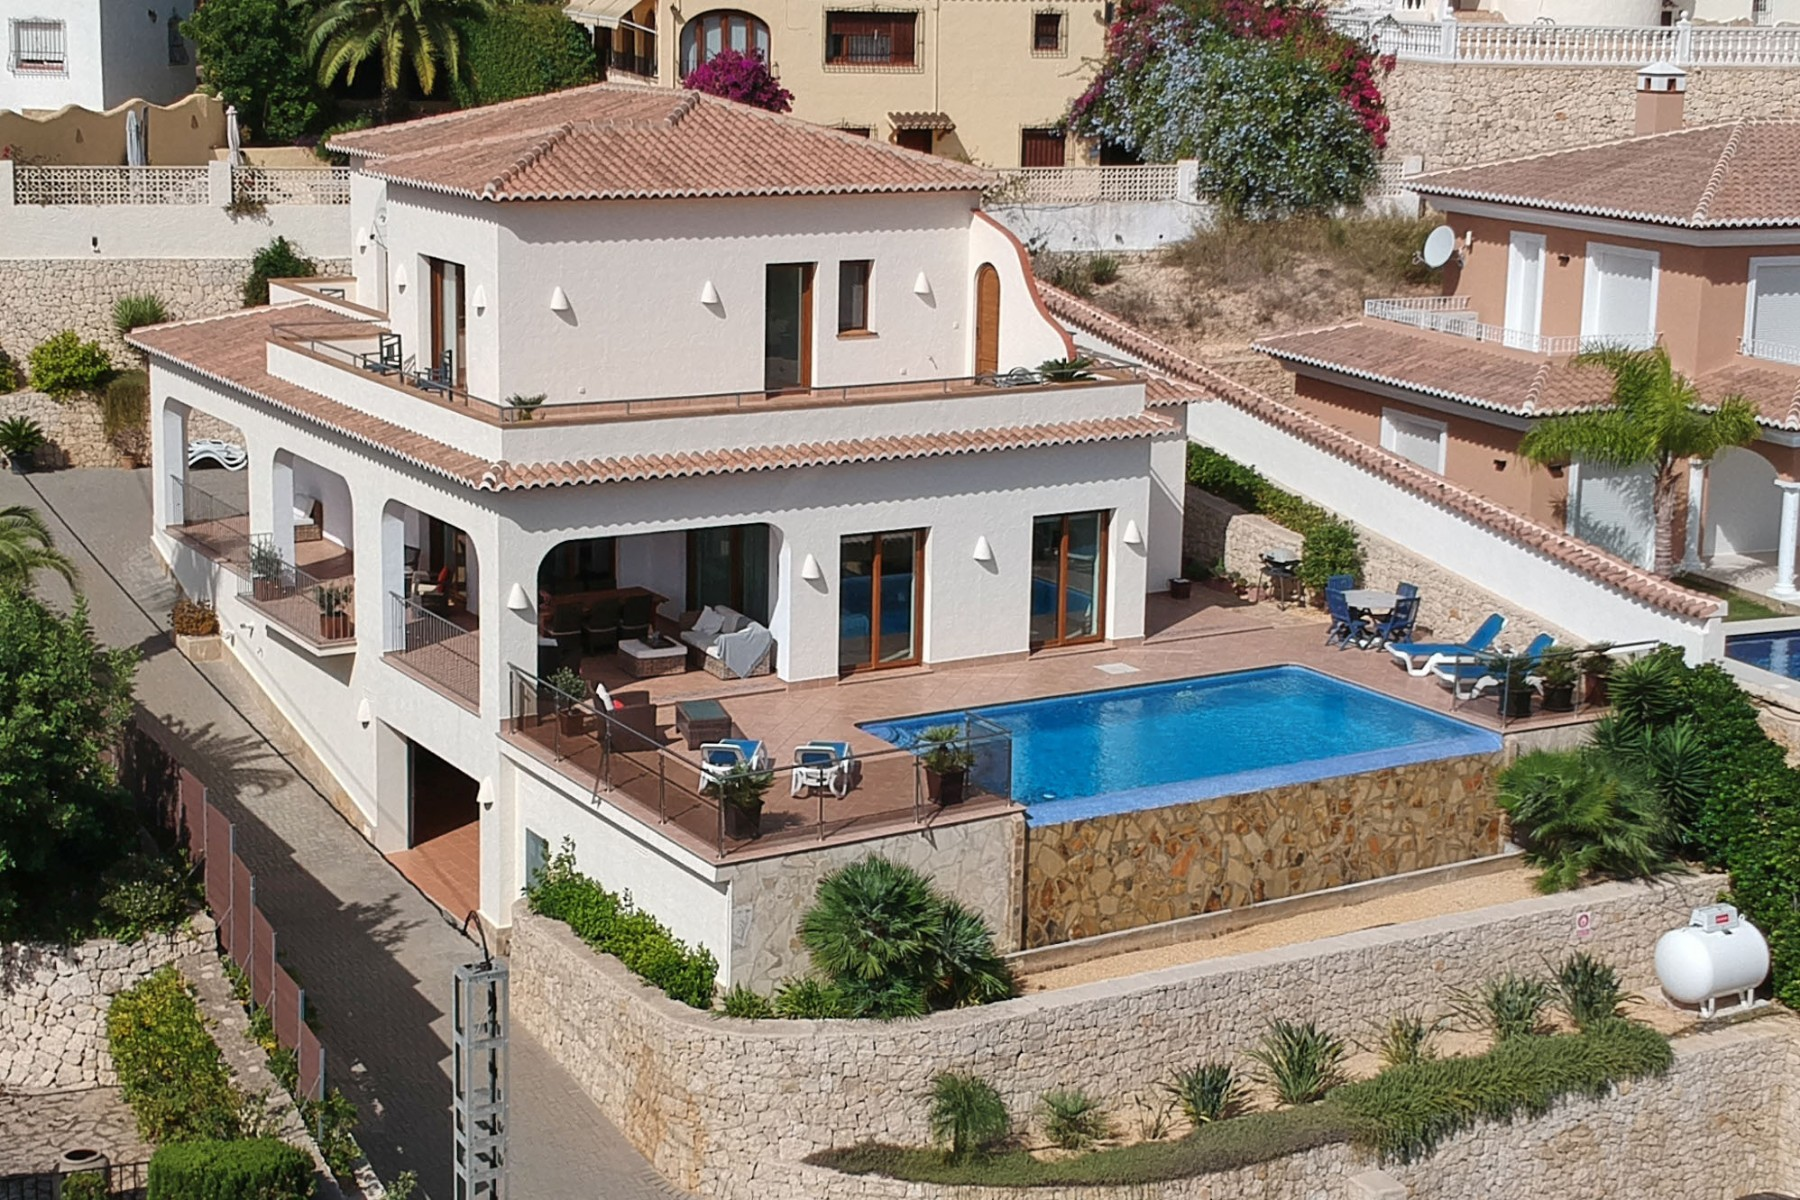 4 Slaapkamer Villa in Moraira